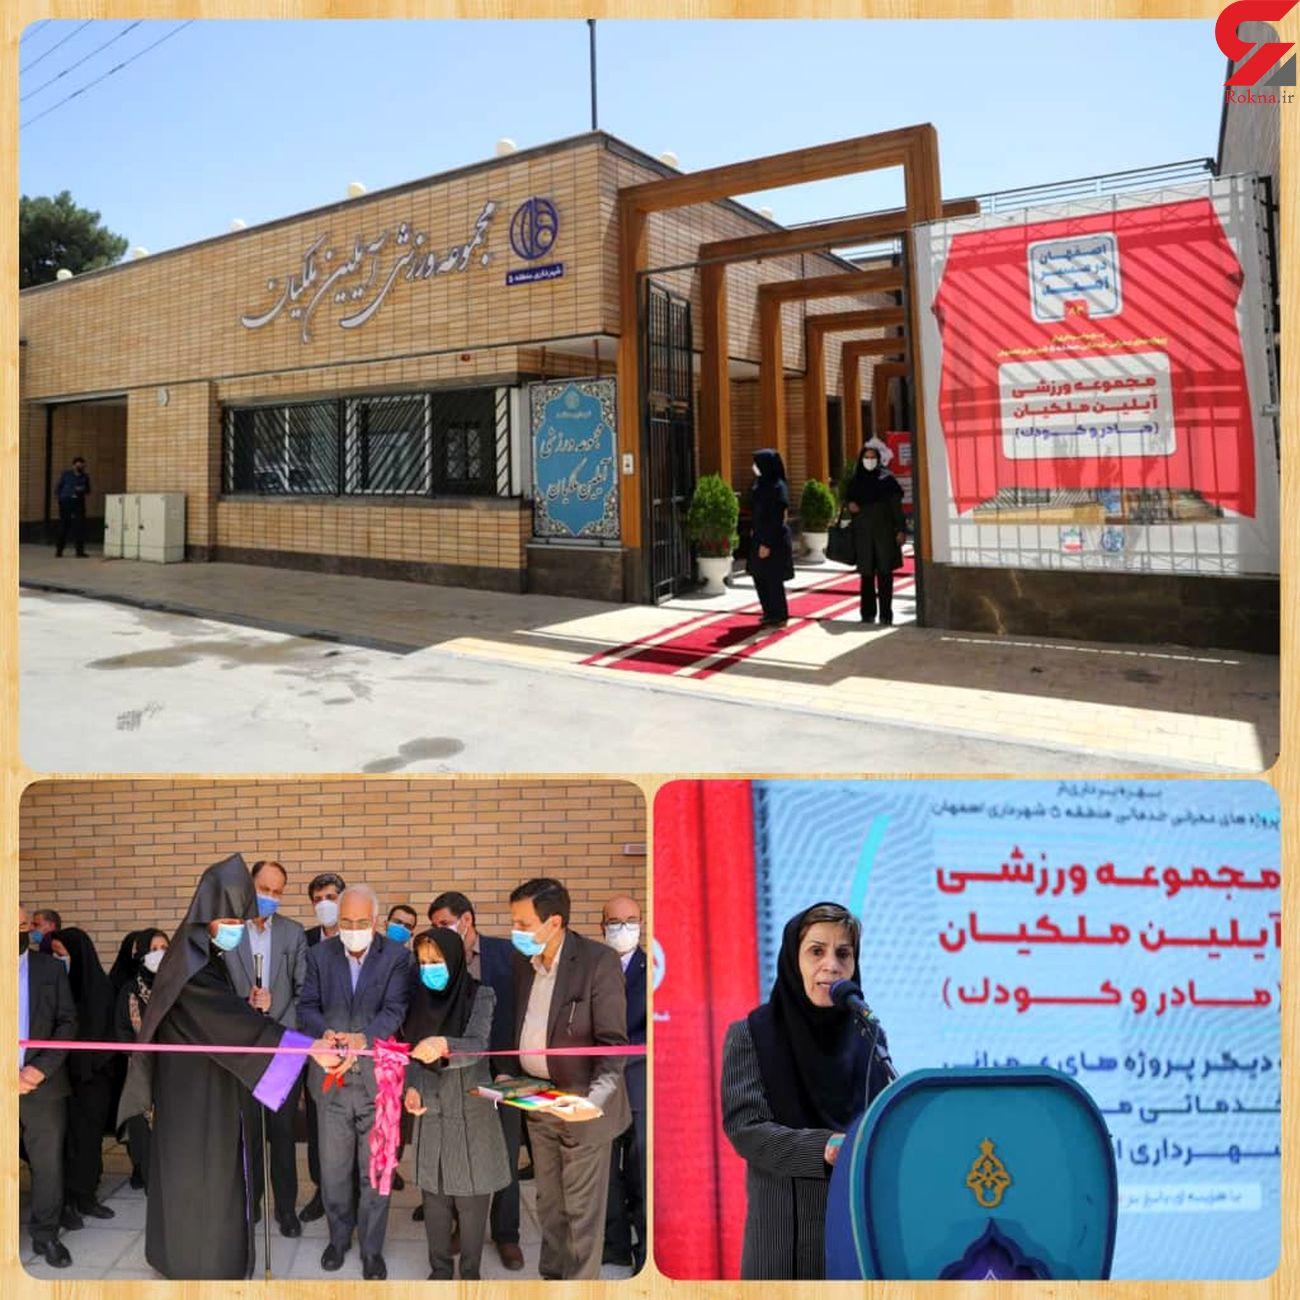 شهرداری اصفهان زمینه پیشرفت ورزشی کودکان و نوجوانان را فراهم کرد